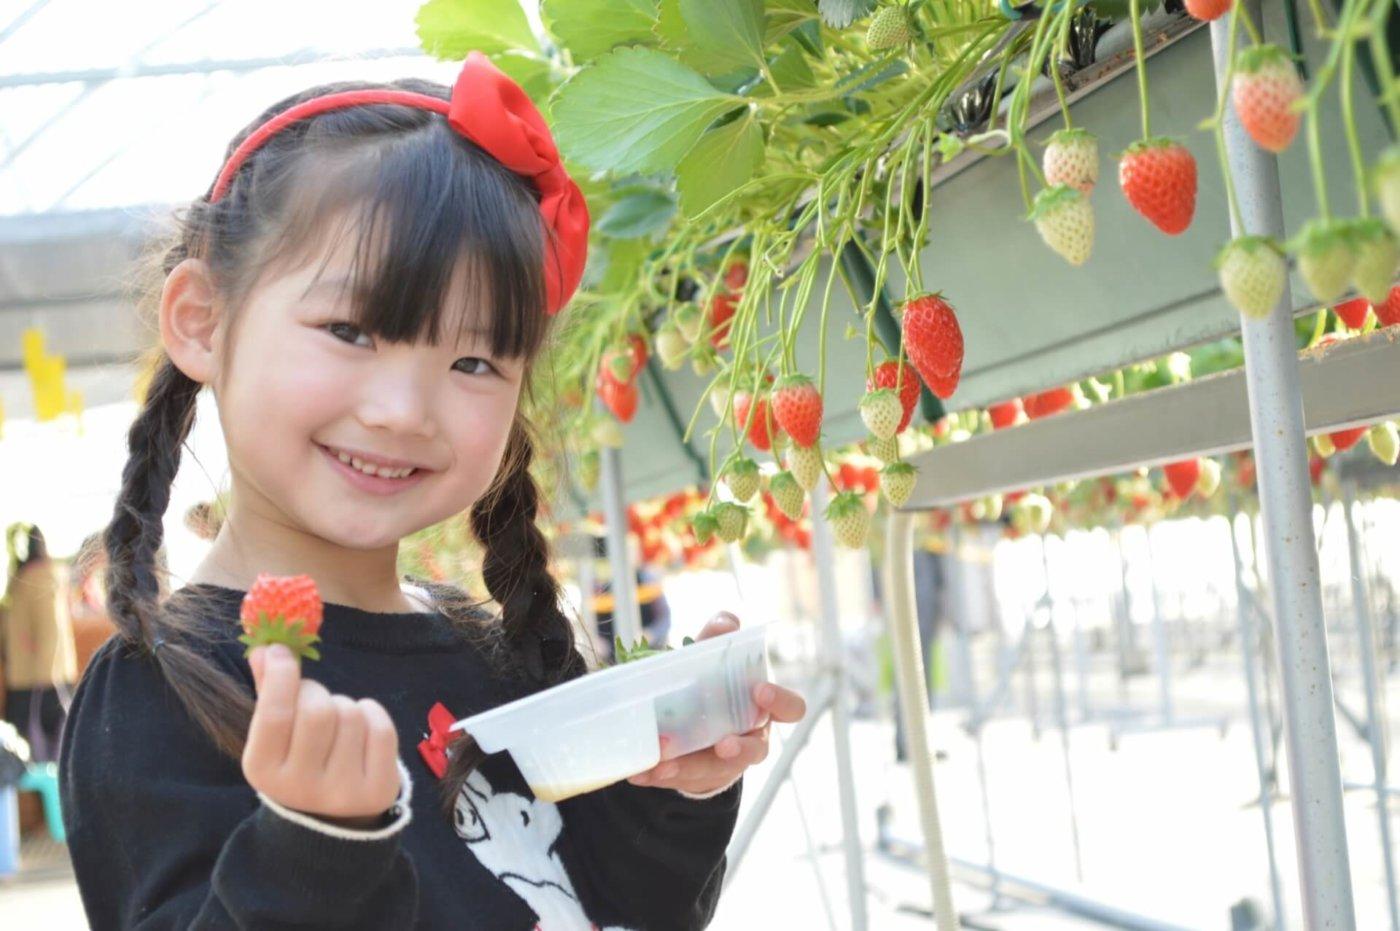 イチゴ狩りの時期と美味しい楽しみ方